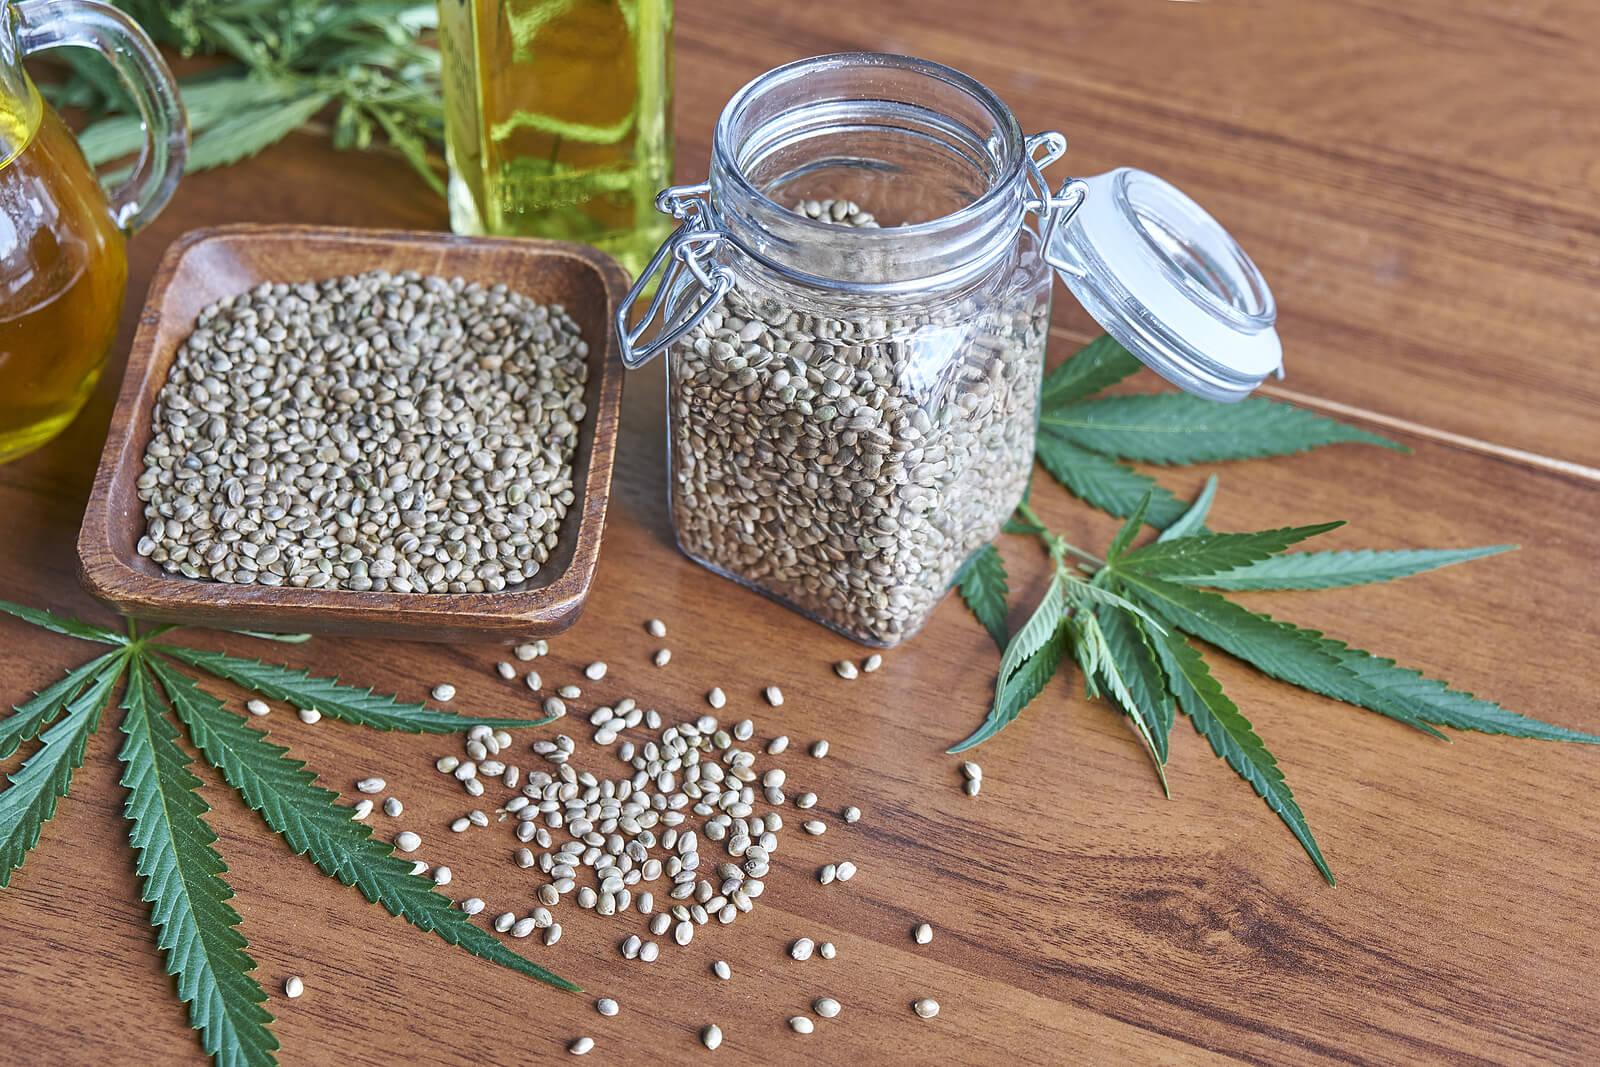 Buy Marijuana Seeds In Chicago